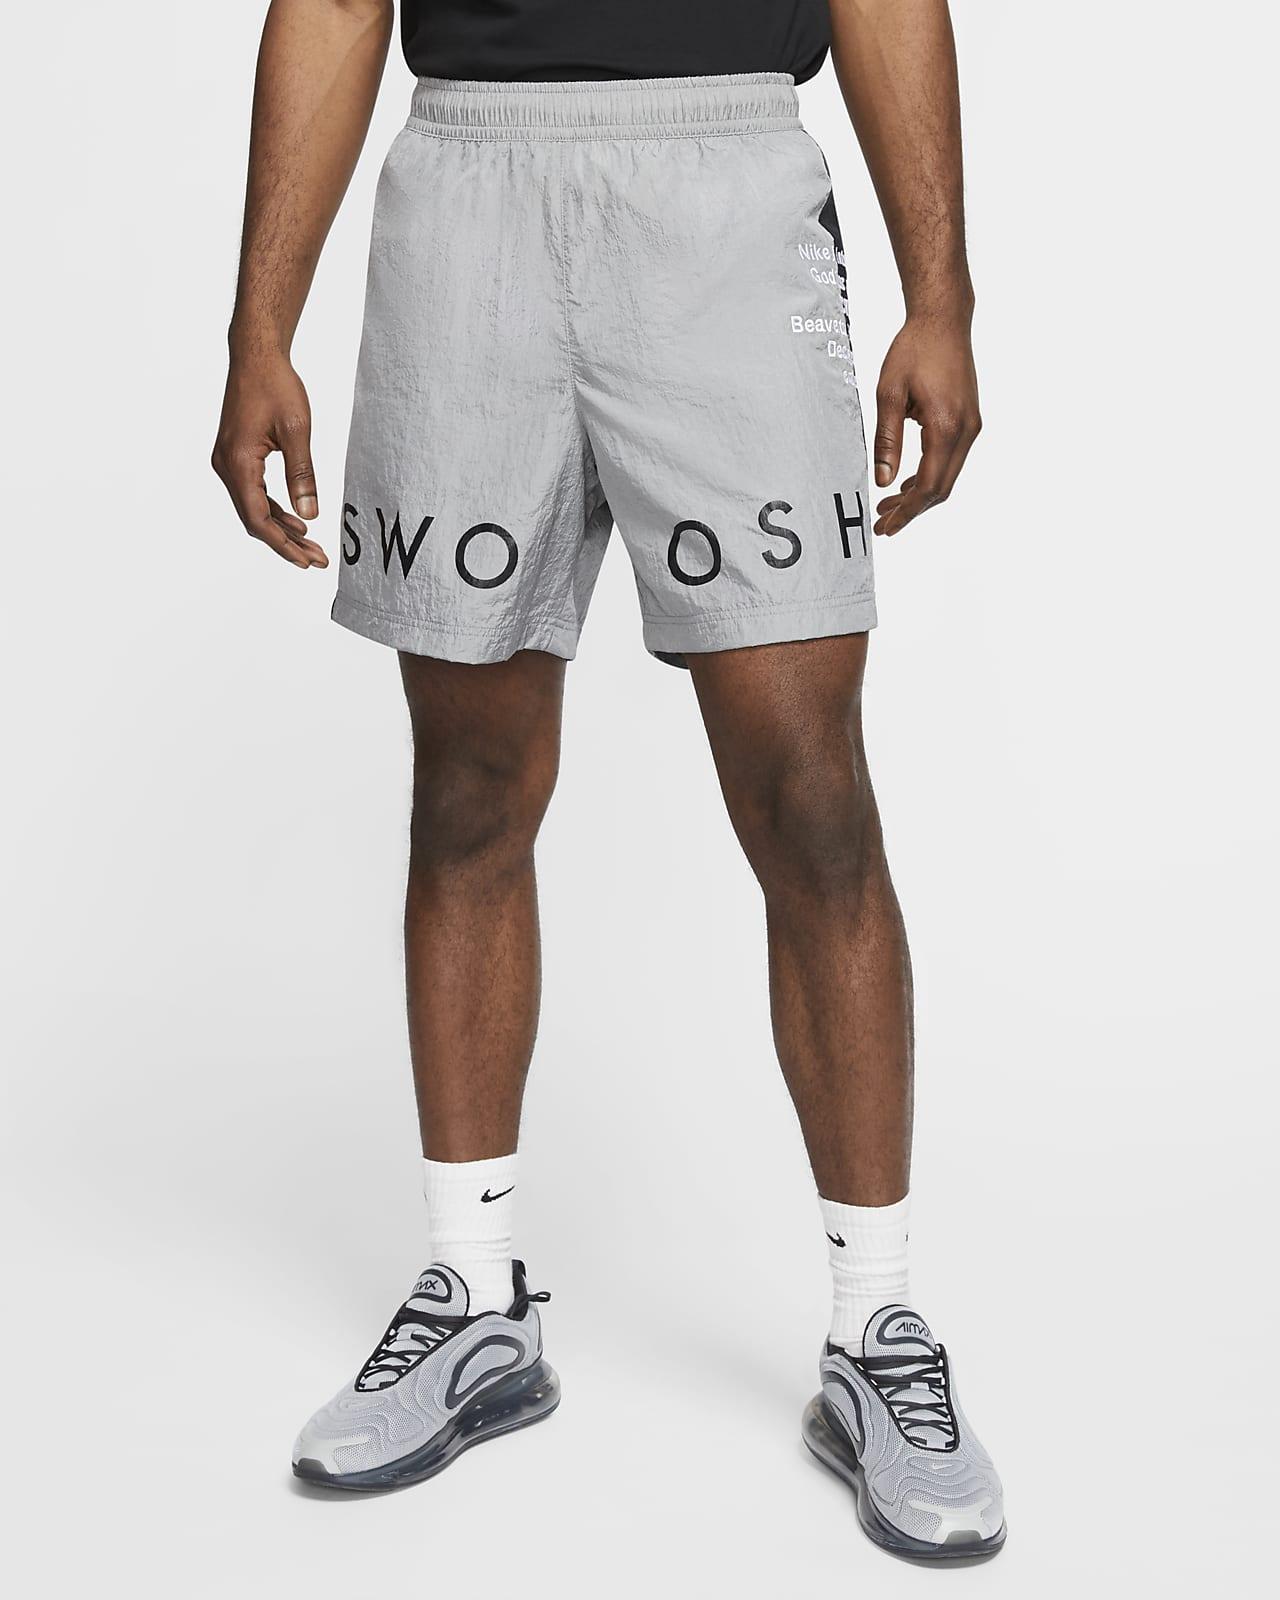 Shorts i vävt tyg Nike Sportswear Swoosh för män